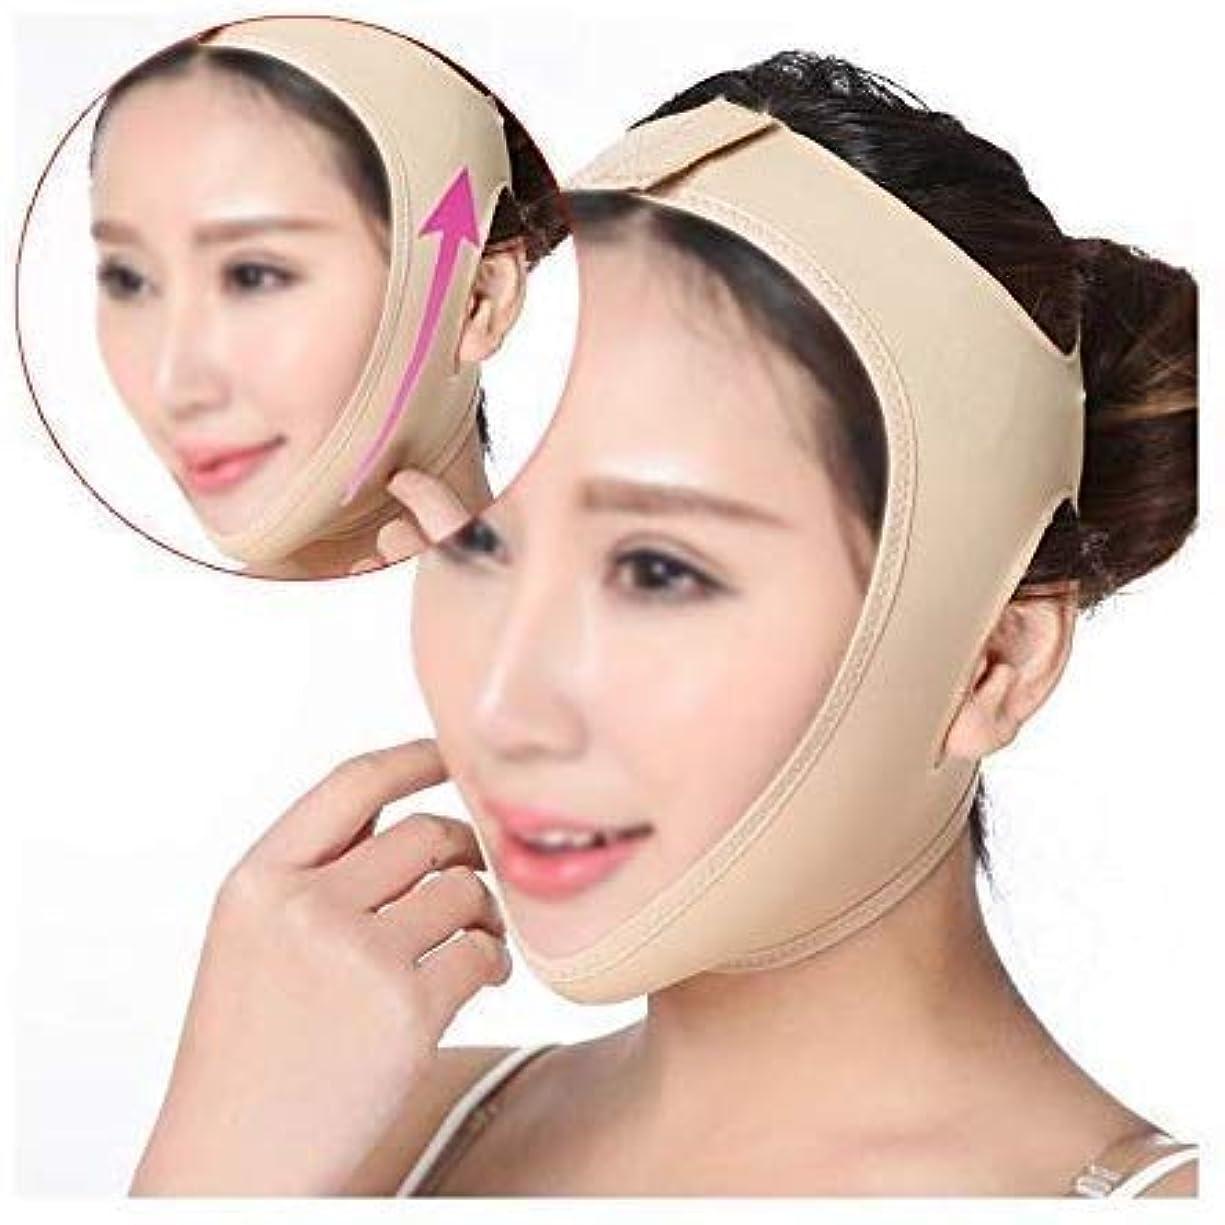 時折代表するエール美容と実用的なファーミングフェイスマスク、フェイスマスク 顔の包帯V顔デバイス睡眠薄いフェイスマスク顔マッサージ機器フェイスリフティングフェイスリフティングツール(サイズ:M)